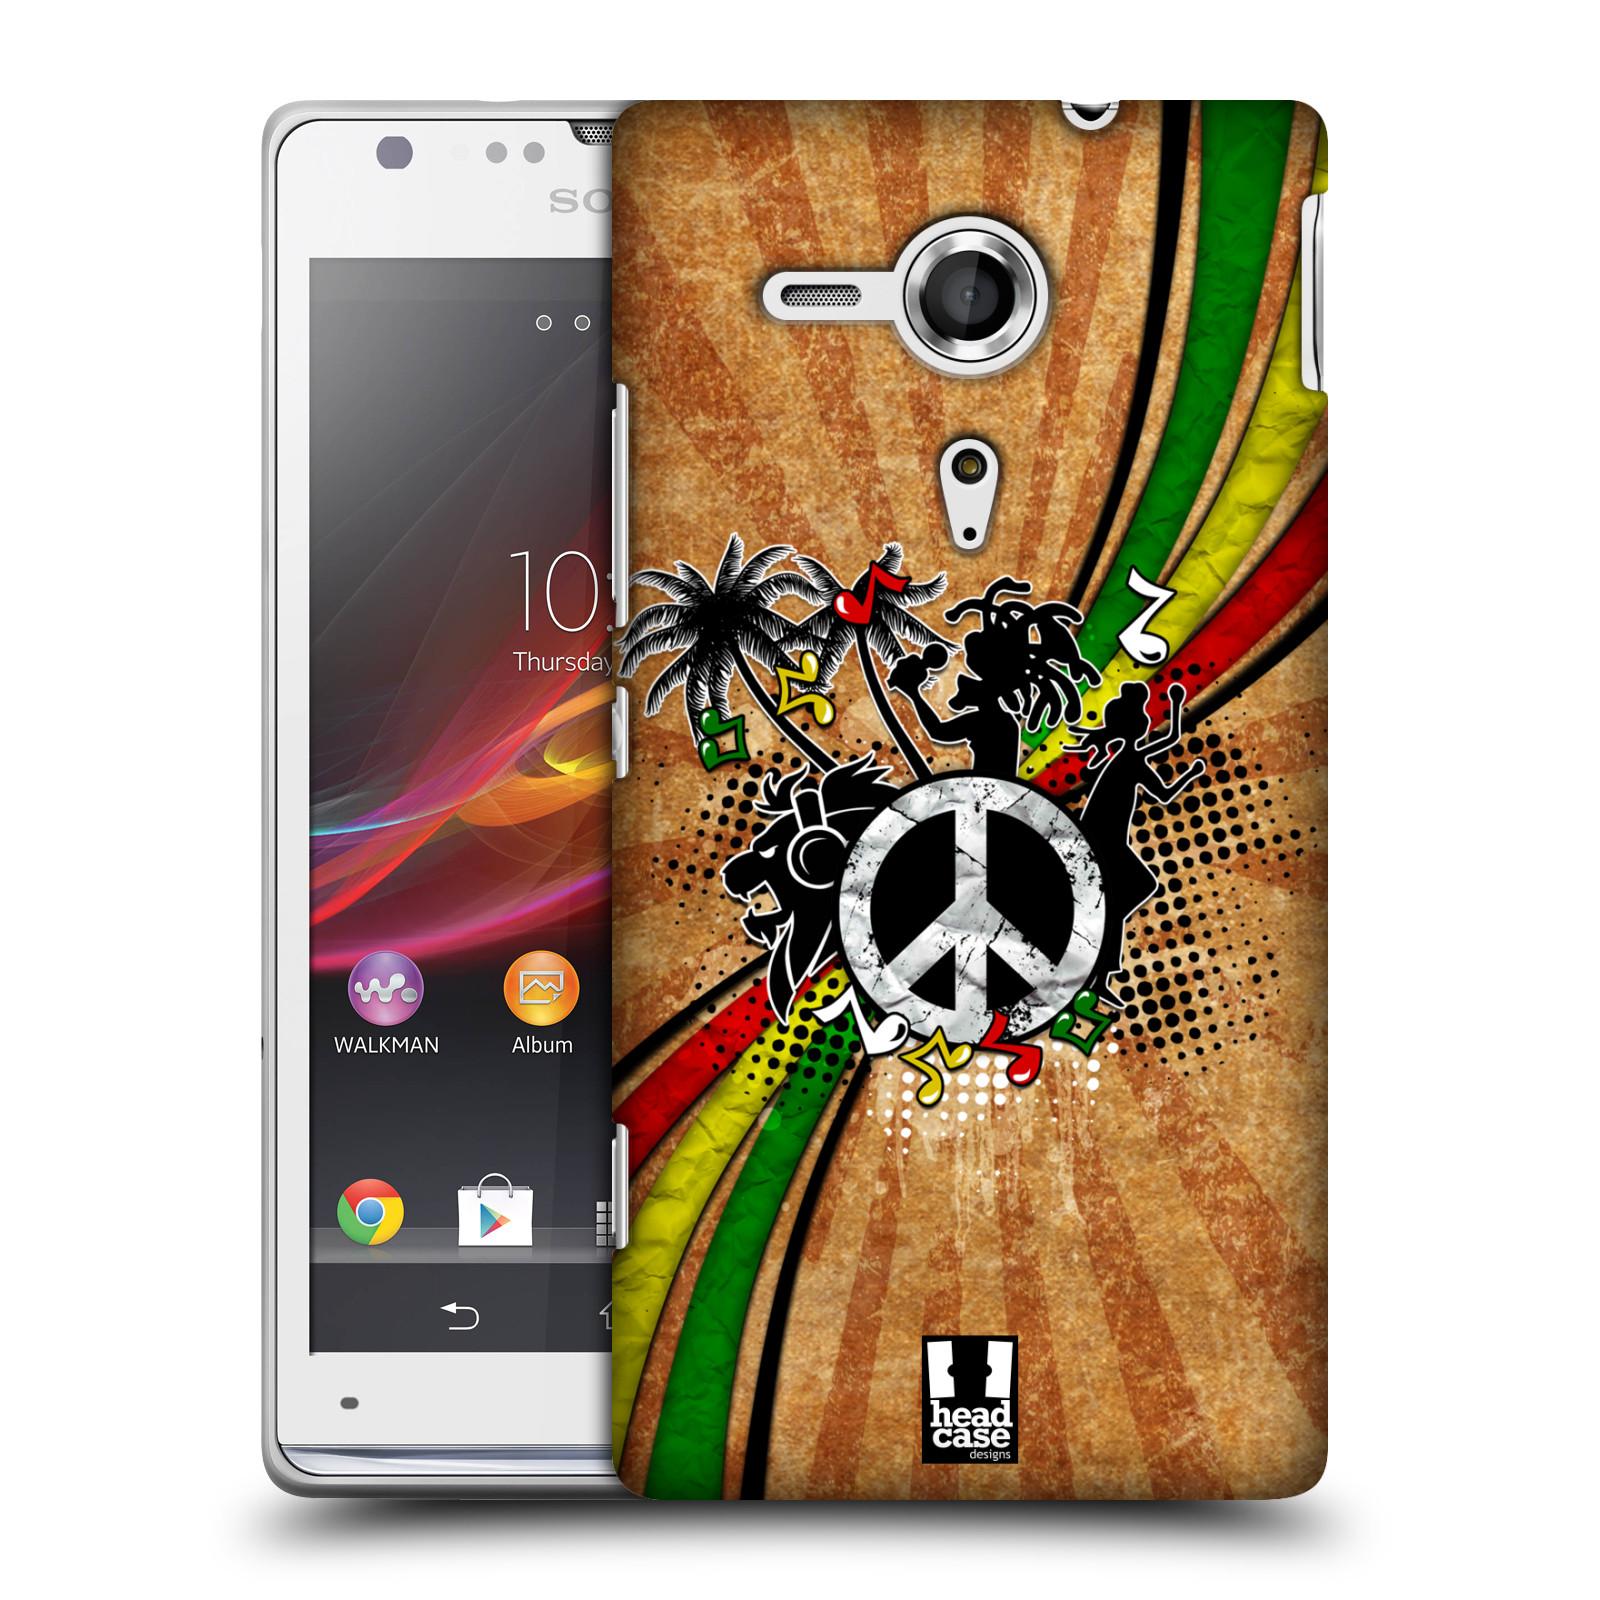 Plastové pouzdro na mobil Sony Xperia SP C5303 HEAD CASE REGGAE (Kryt či obal na mobilní telefon Sony Xperia SP )